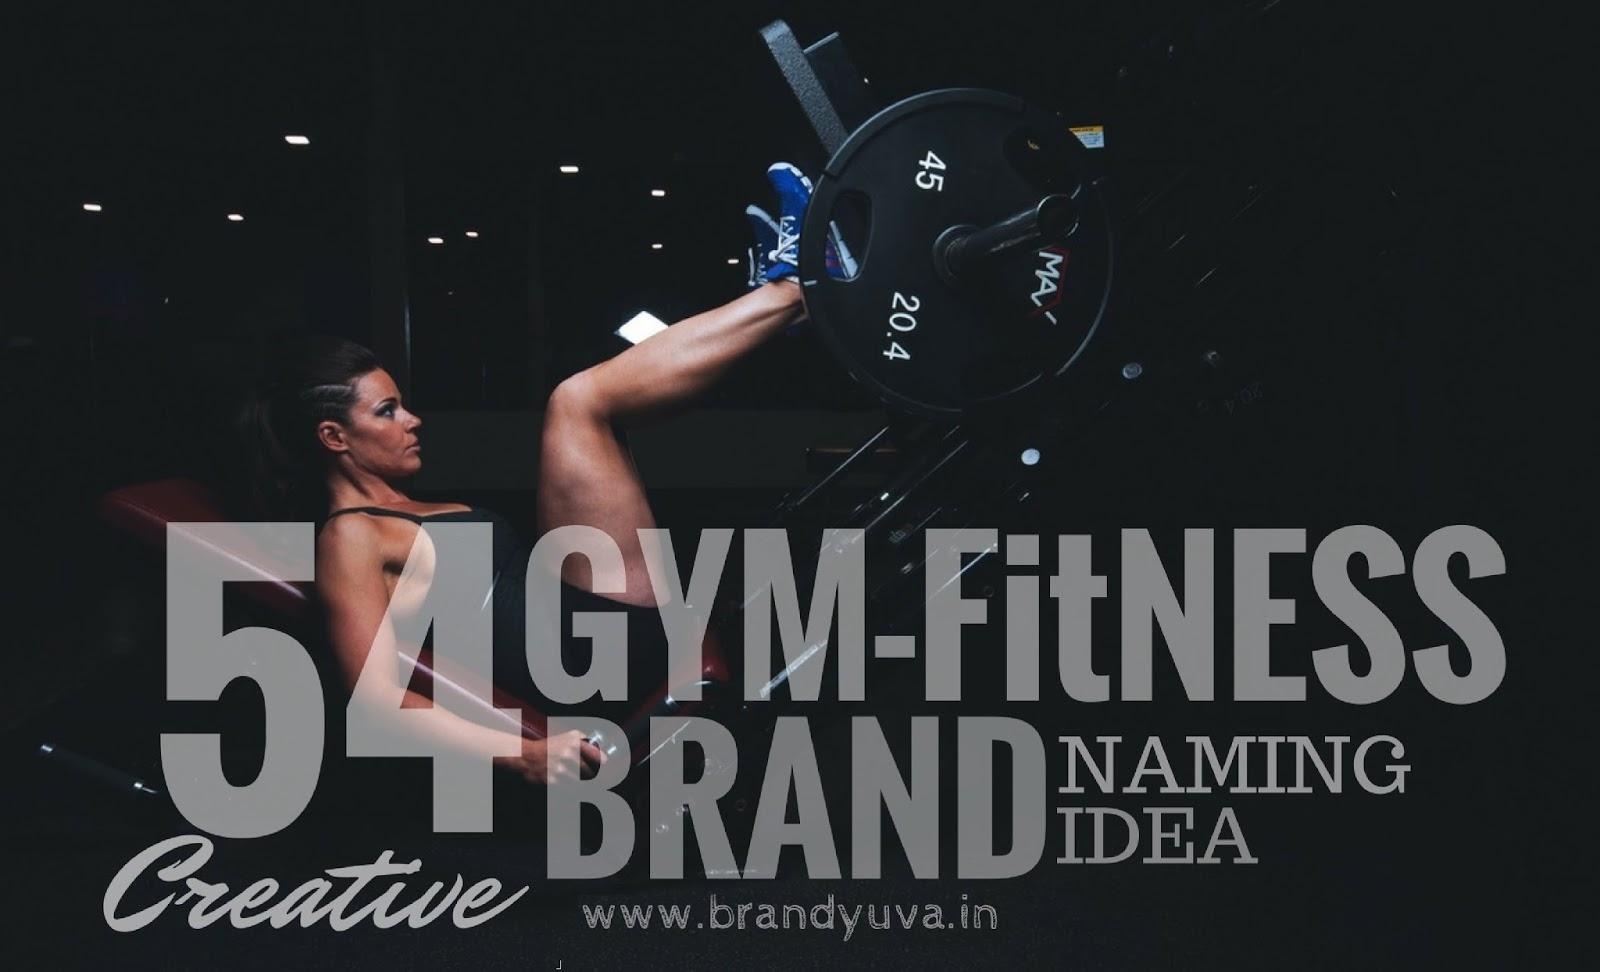 54 Catchy GYM Business Names idea